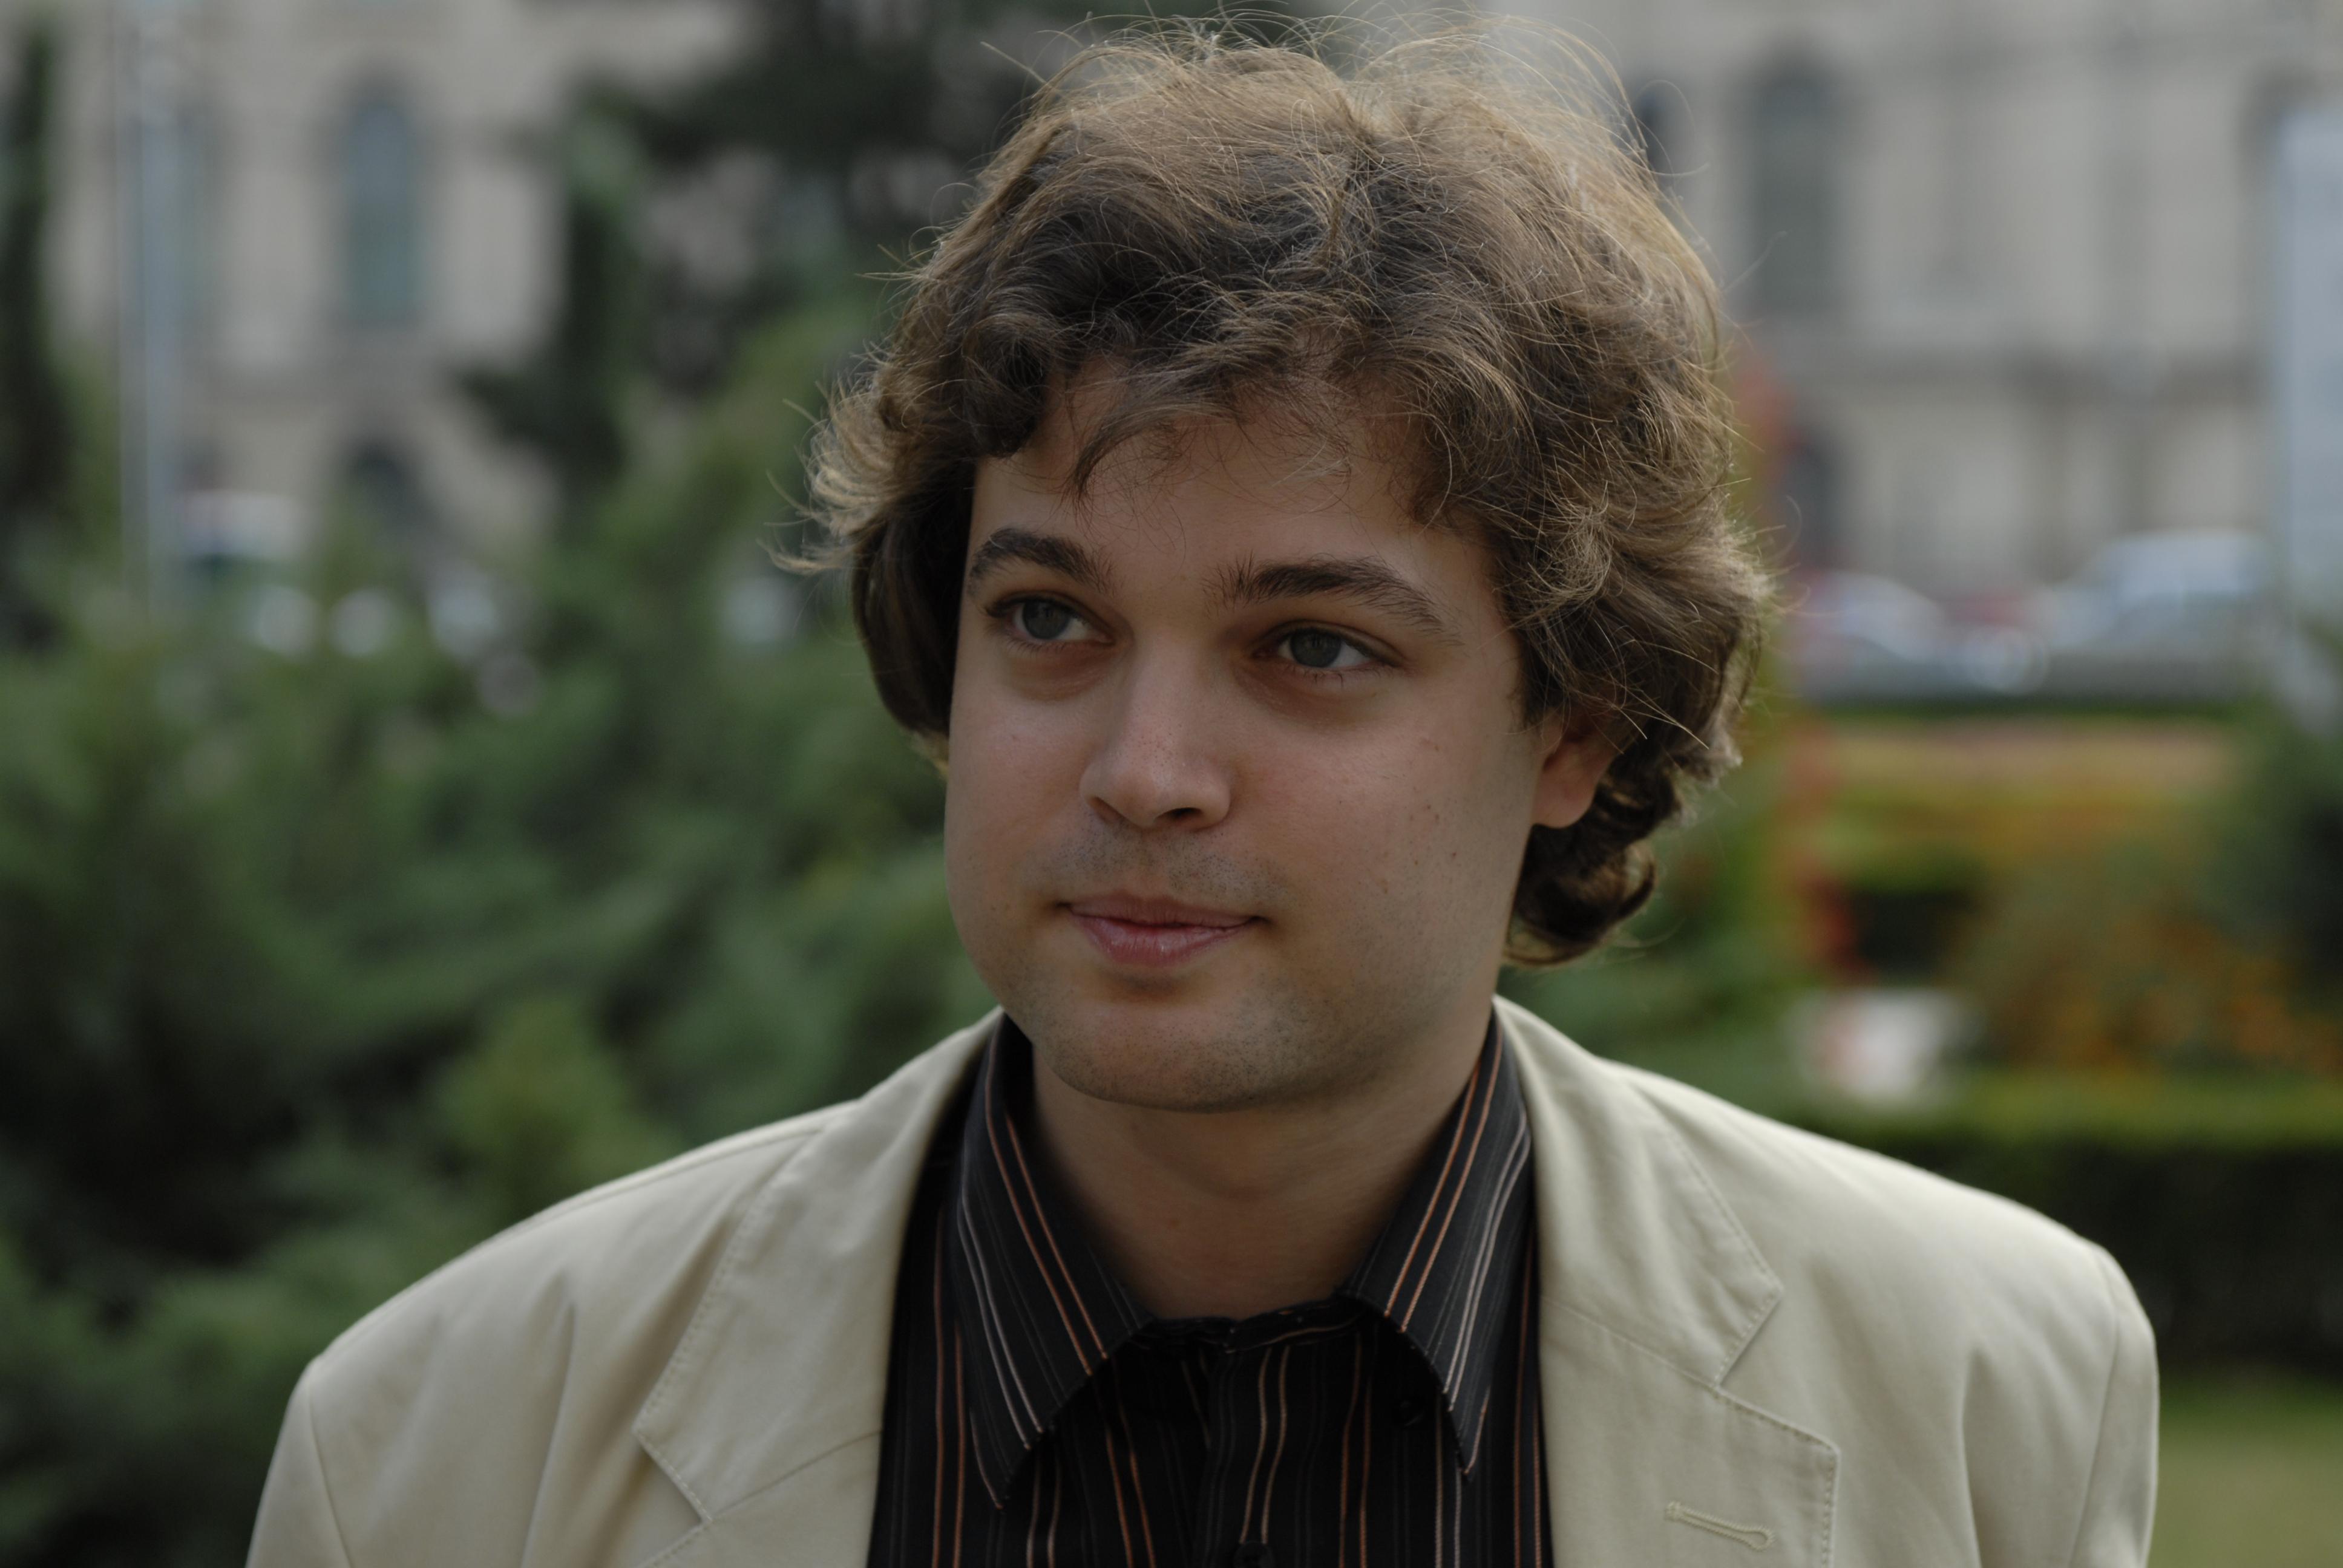 Andrei-Licaret